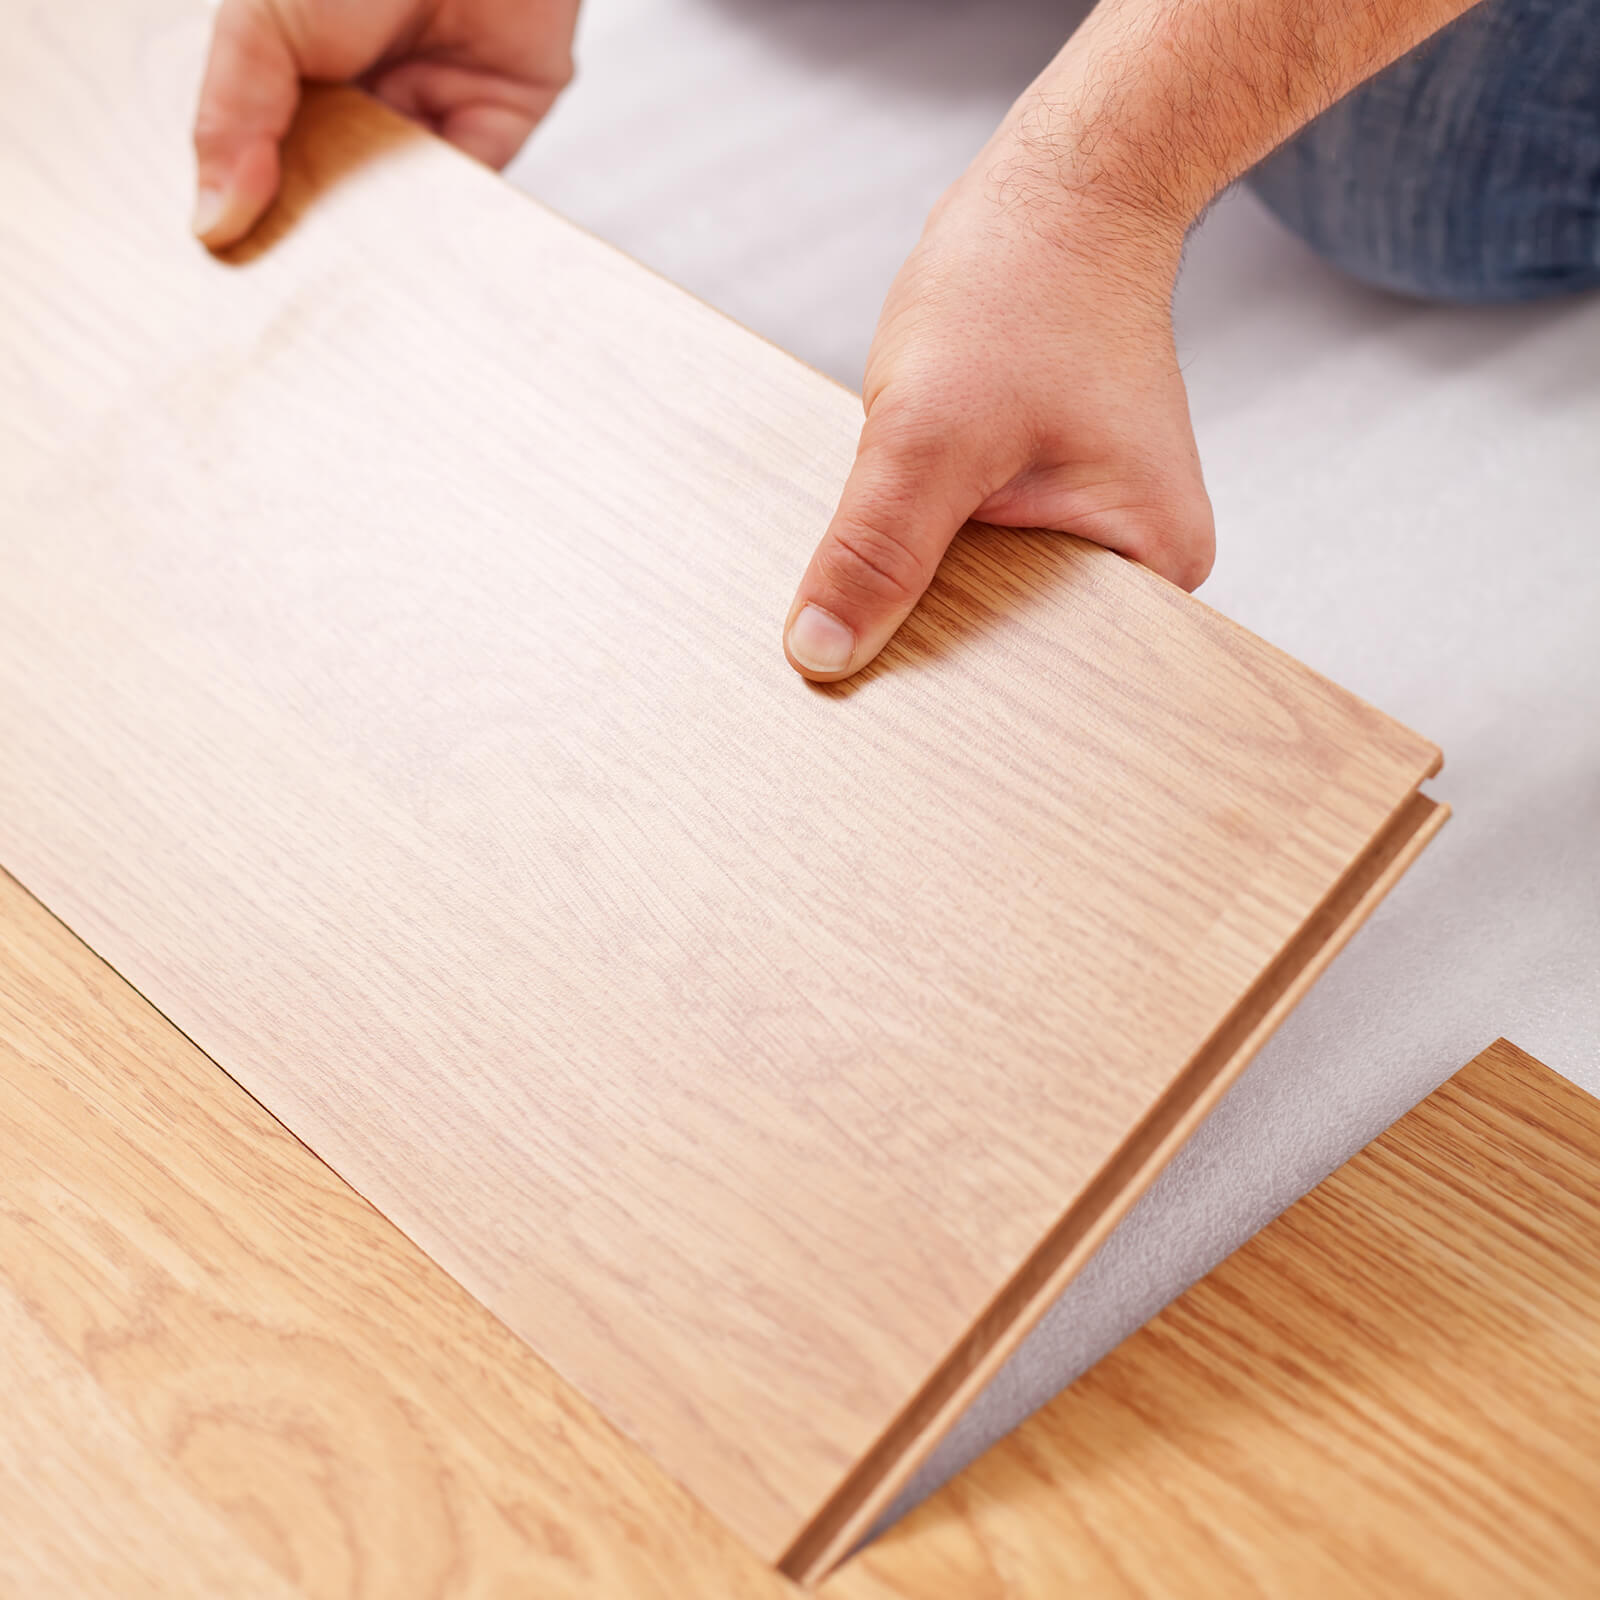 Laminate installation | Signature Flooring, Inc